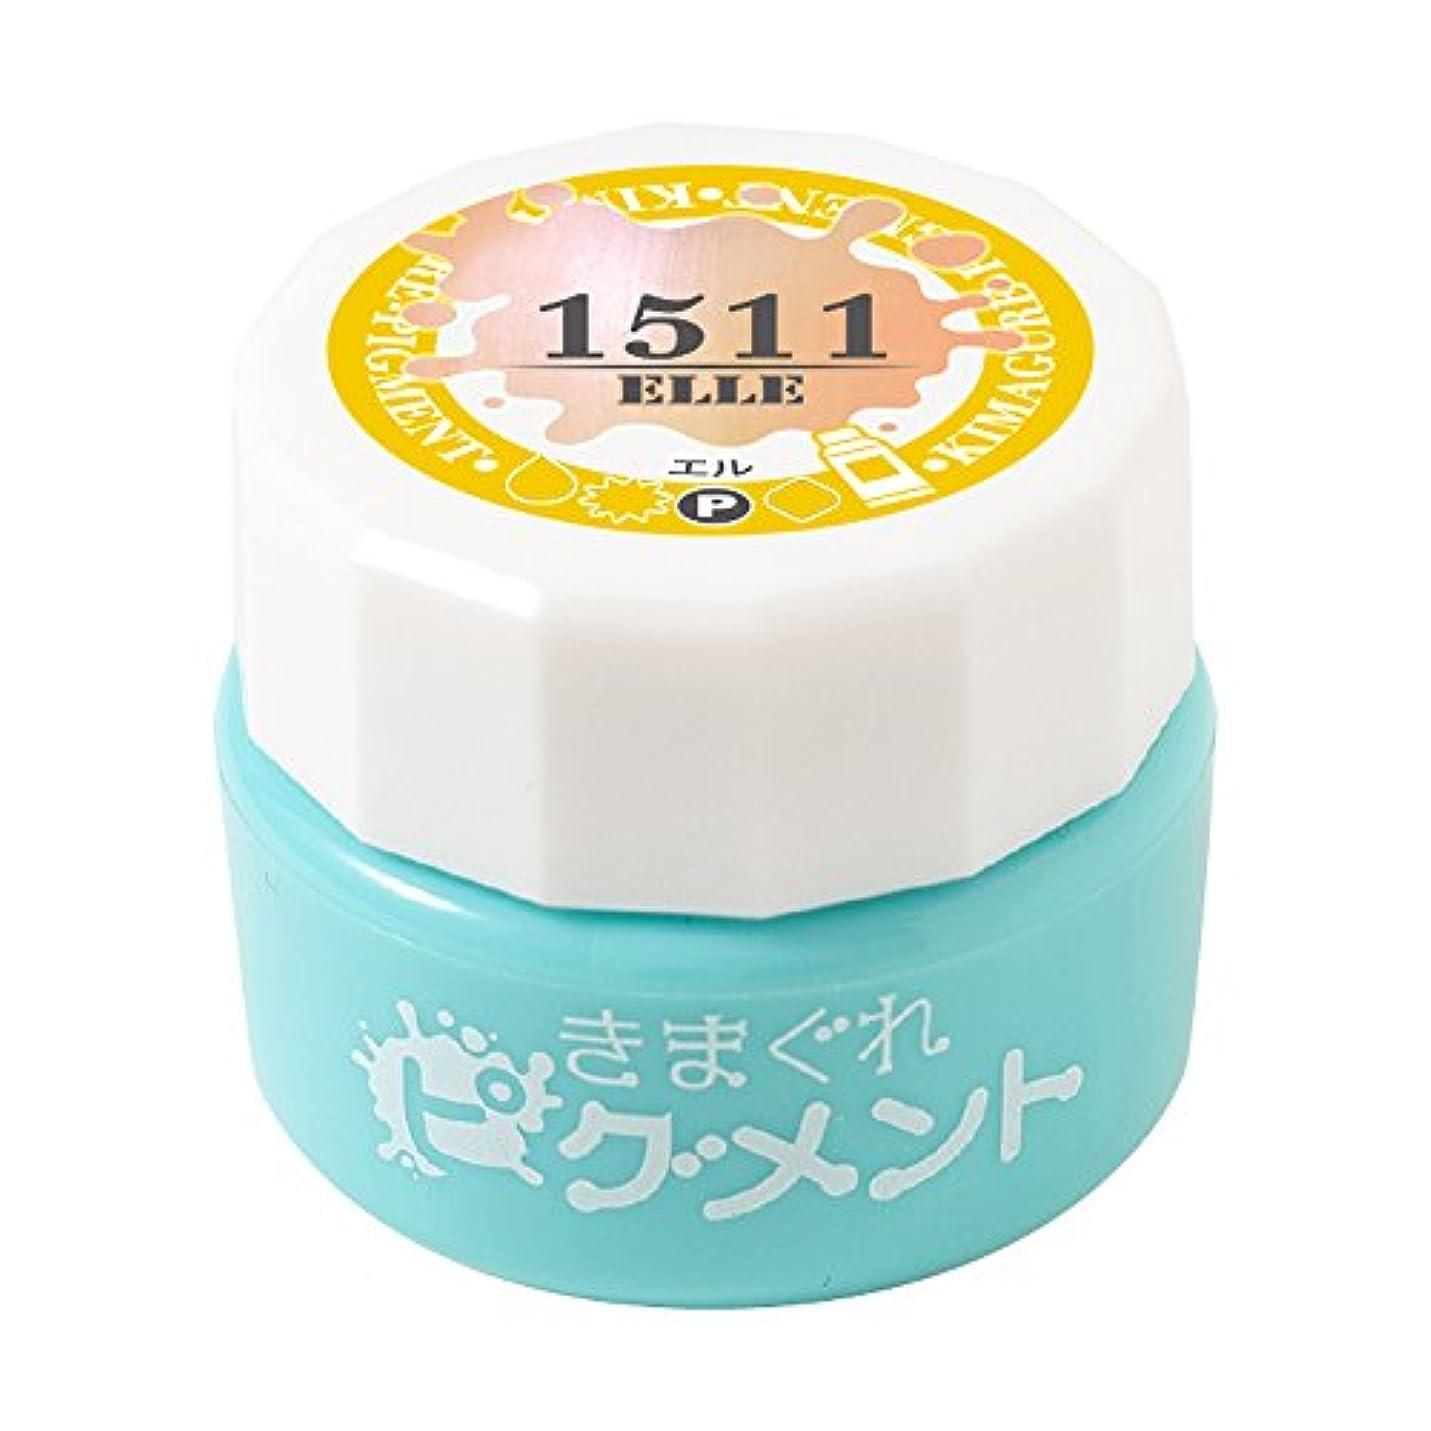 センチメートル不名誉な食欲Bettygel きまぐれピグメント エル QYJ-1511 4g UV/LED対応